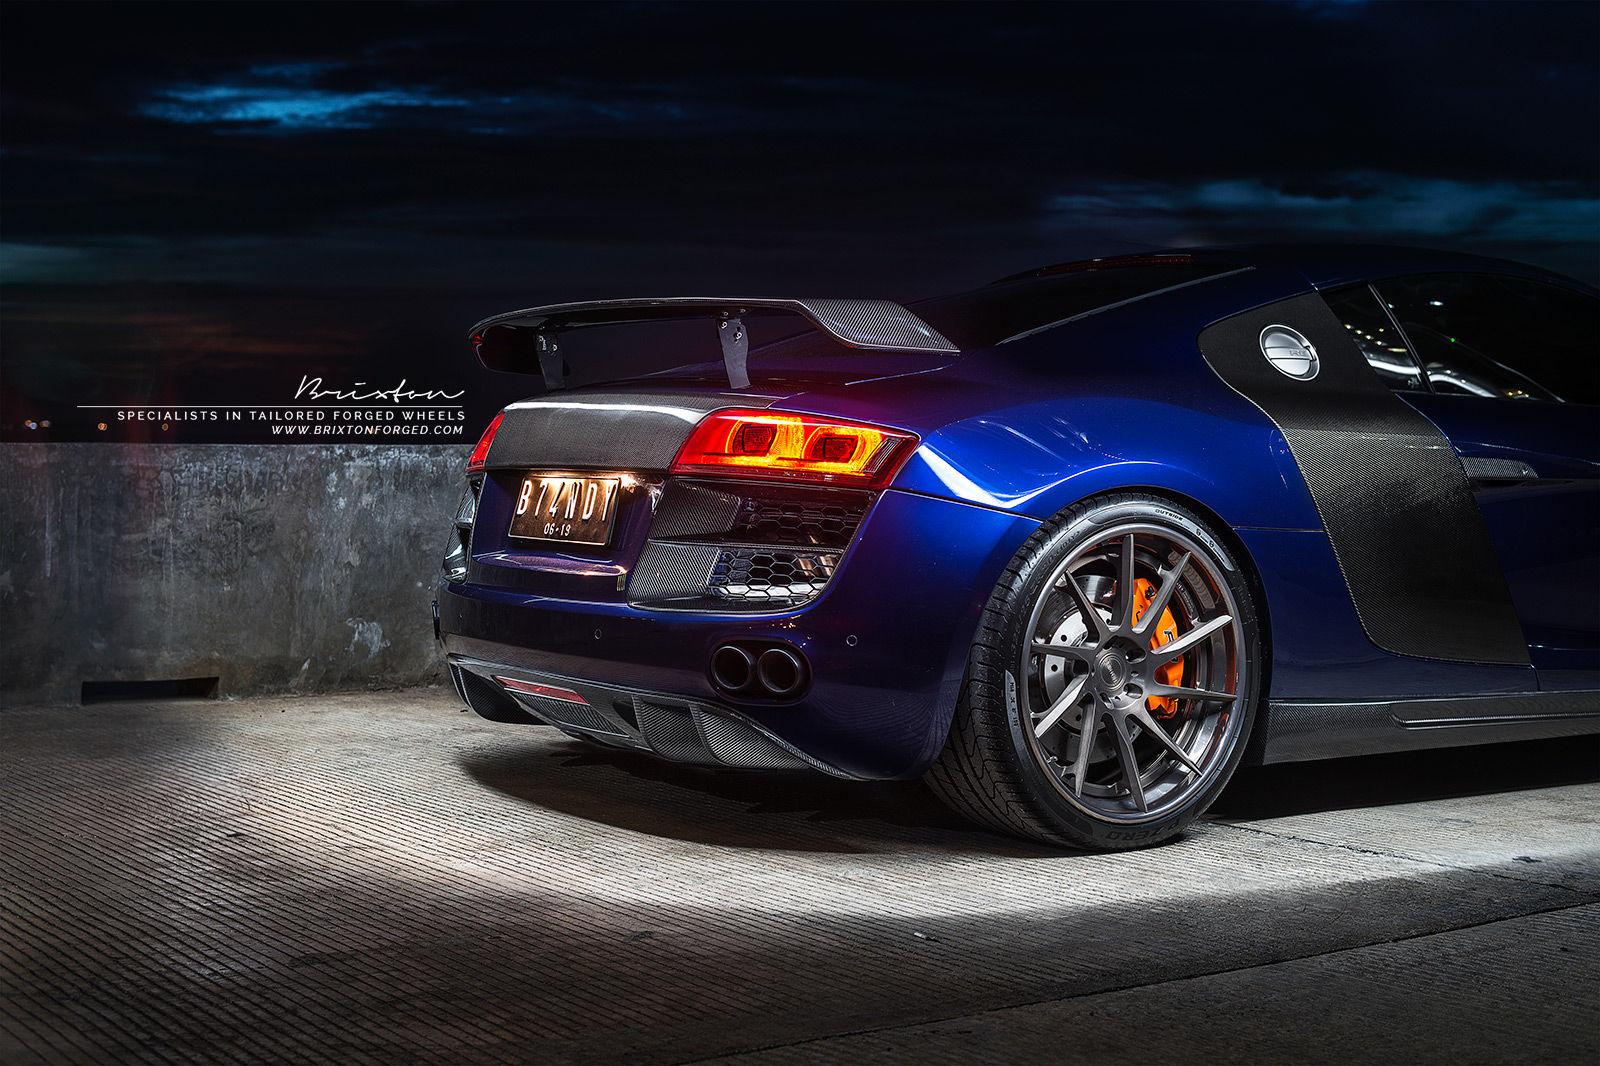 2015 Audi R8 | Audi R8 / Brixton Forged R10D Targa Series